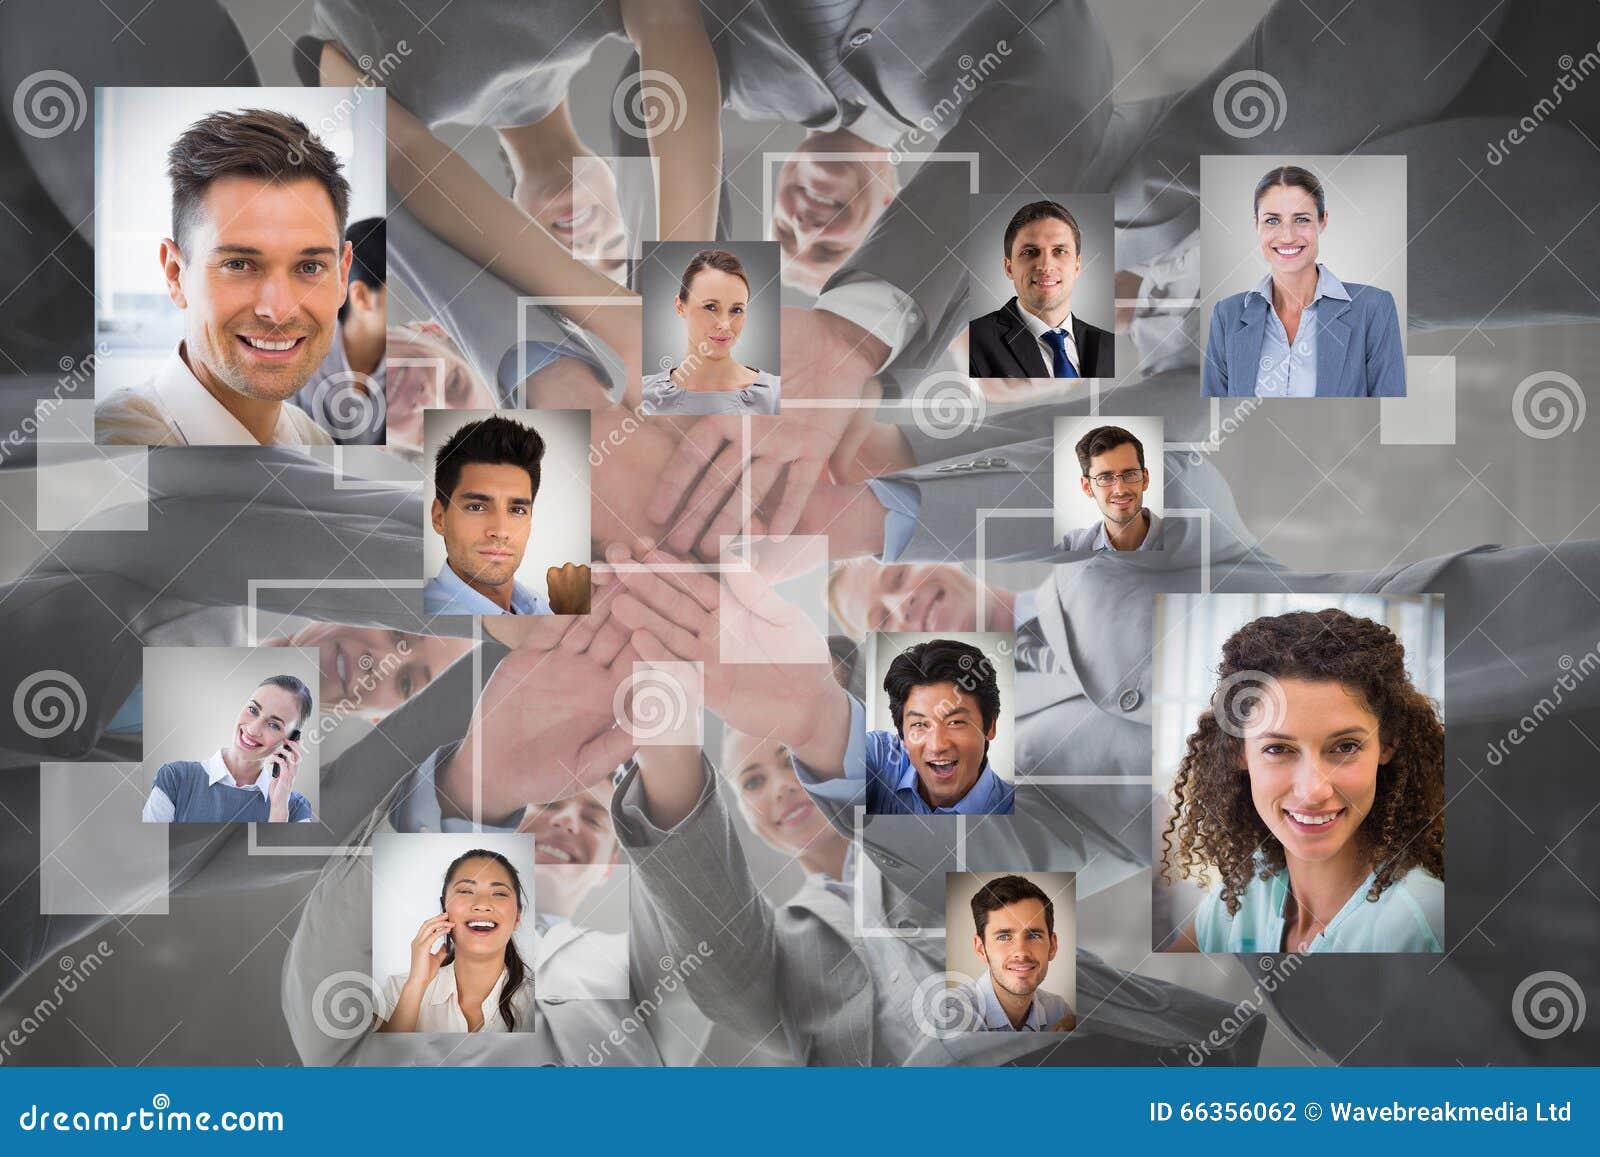 Immagine composita del gruppo sorridente di affari che sta insieme in mani del cerchio